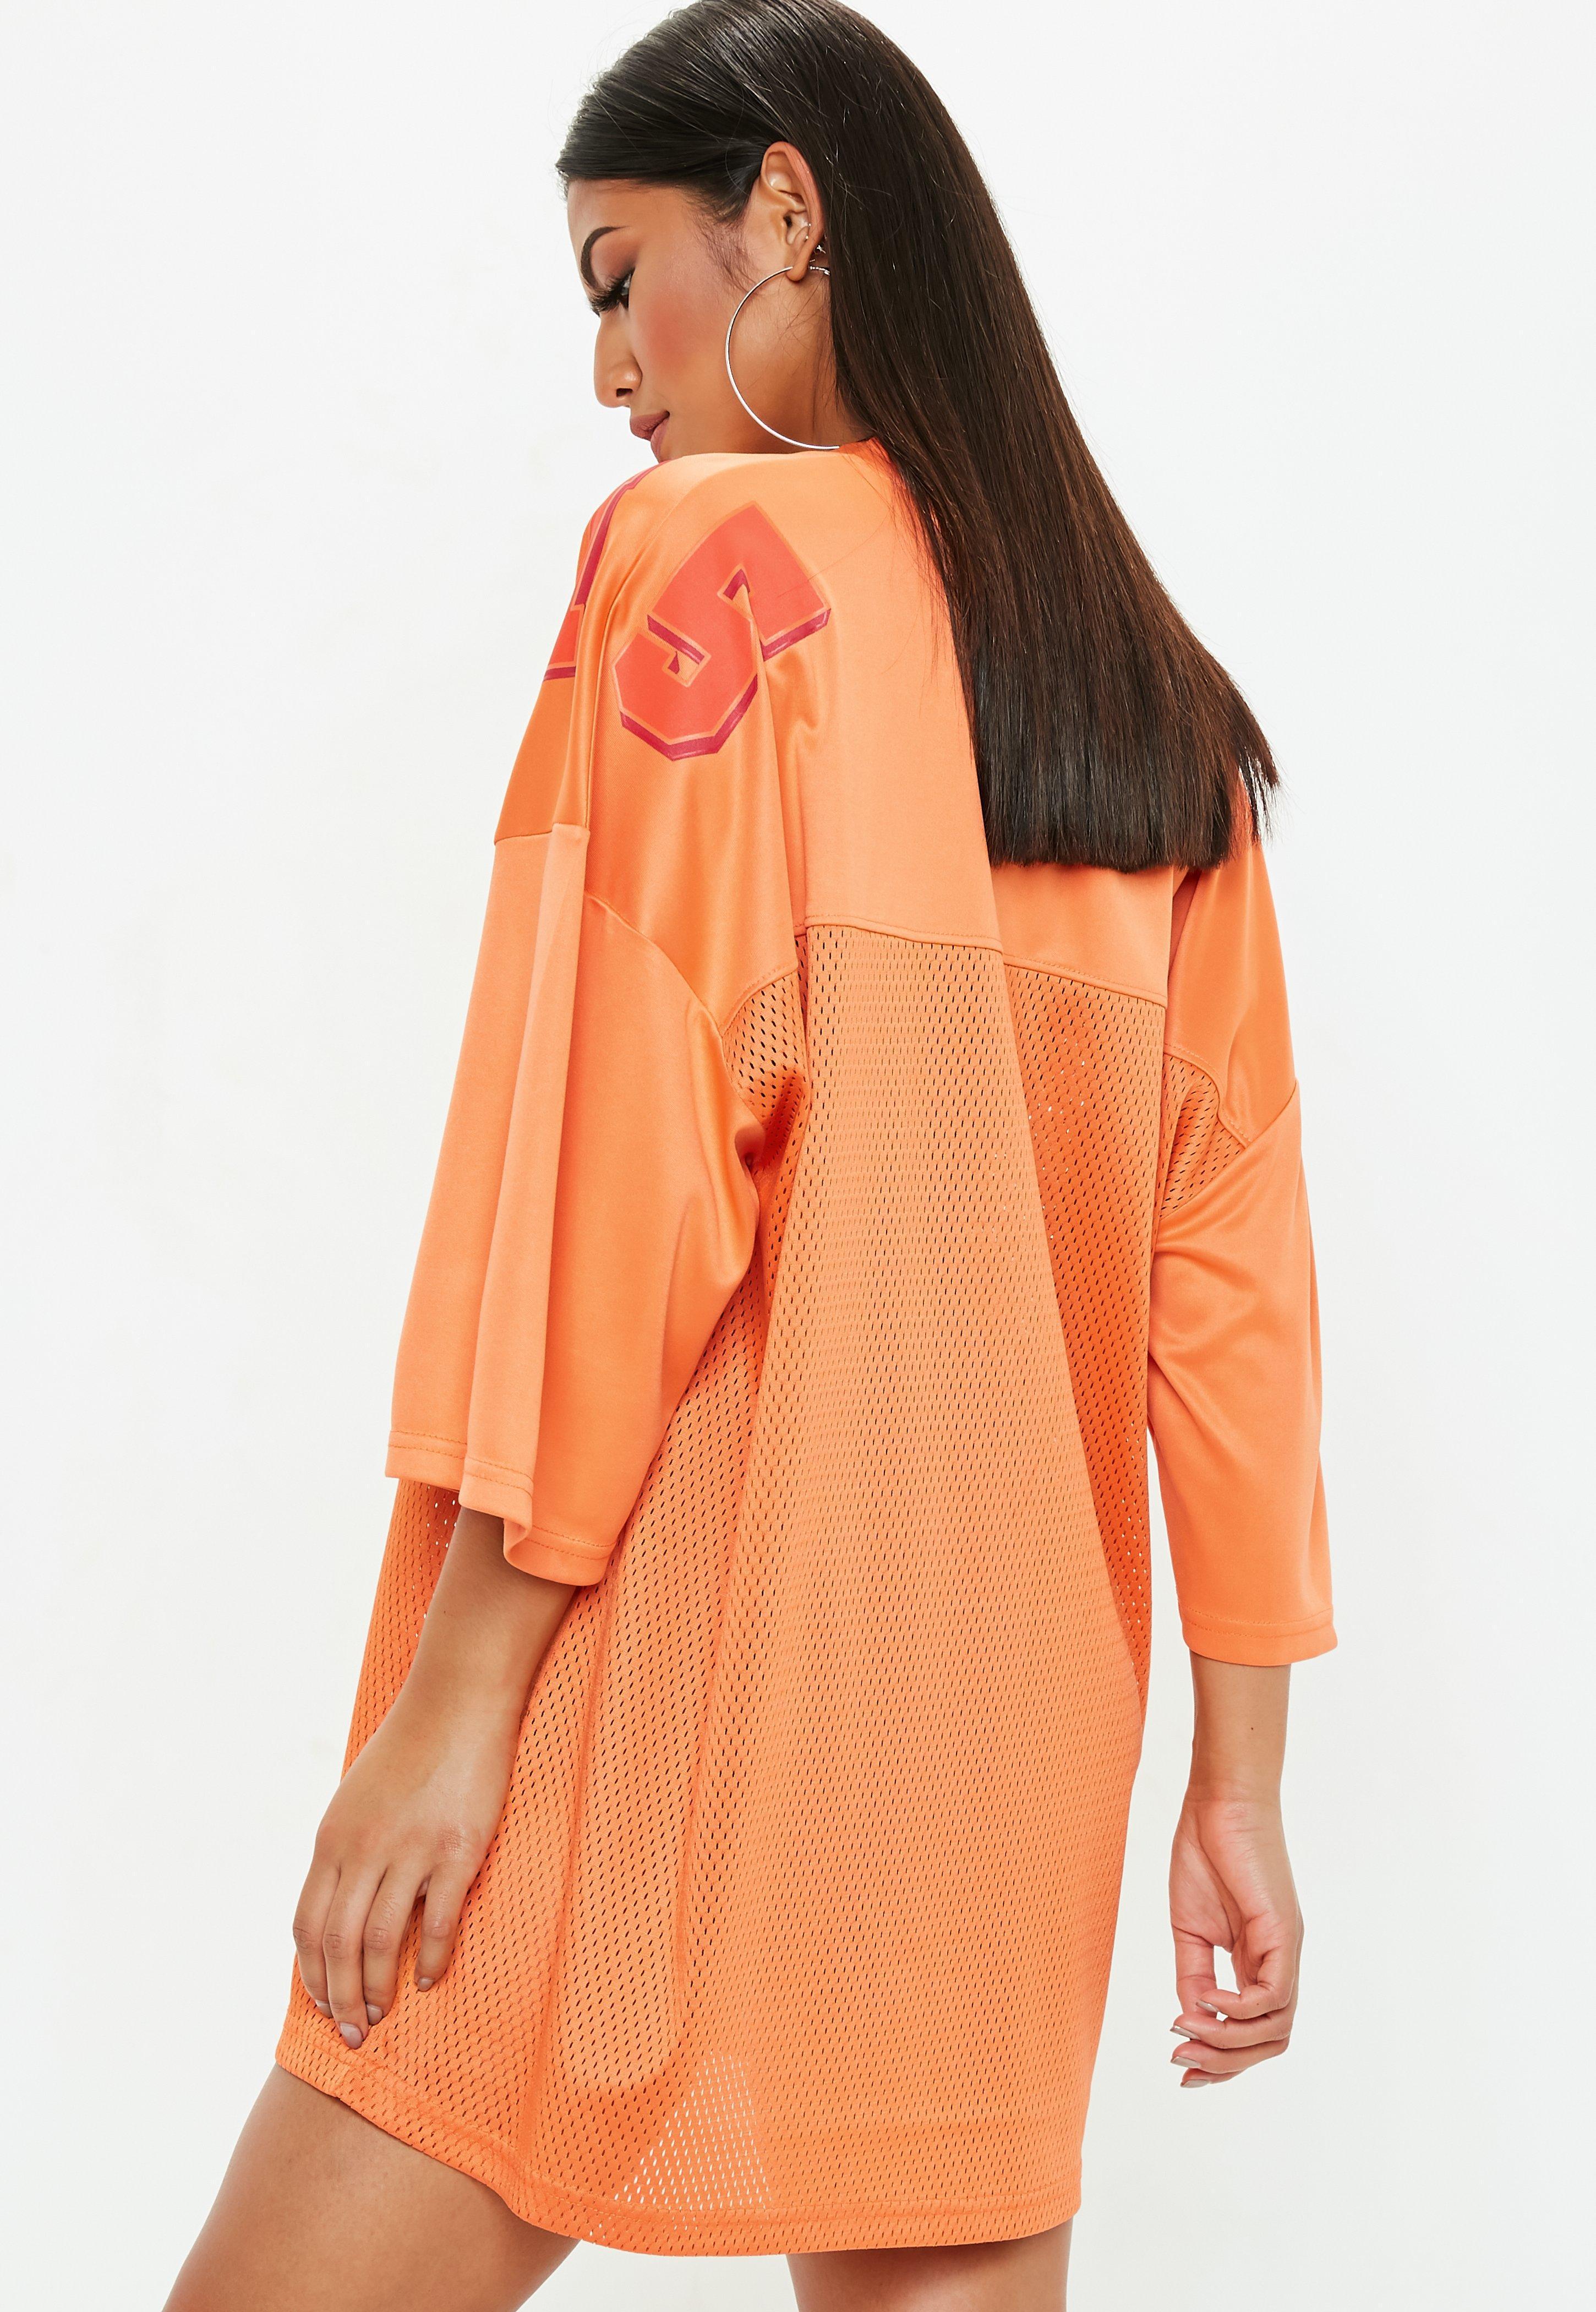 ddcadd587 Lyst - Missguided Orange Oversized Football Jersey Dress in Orange